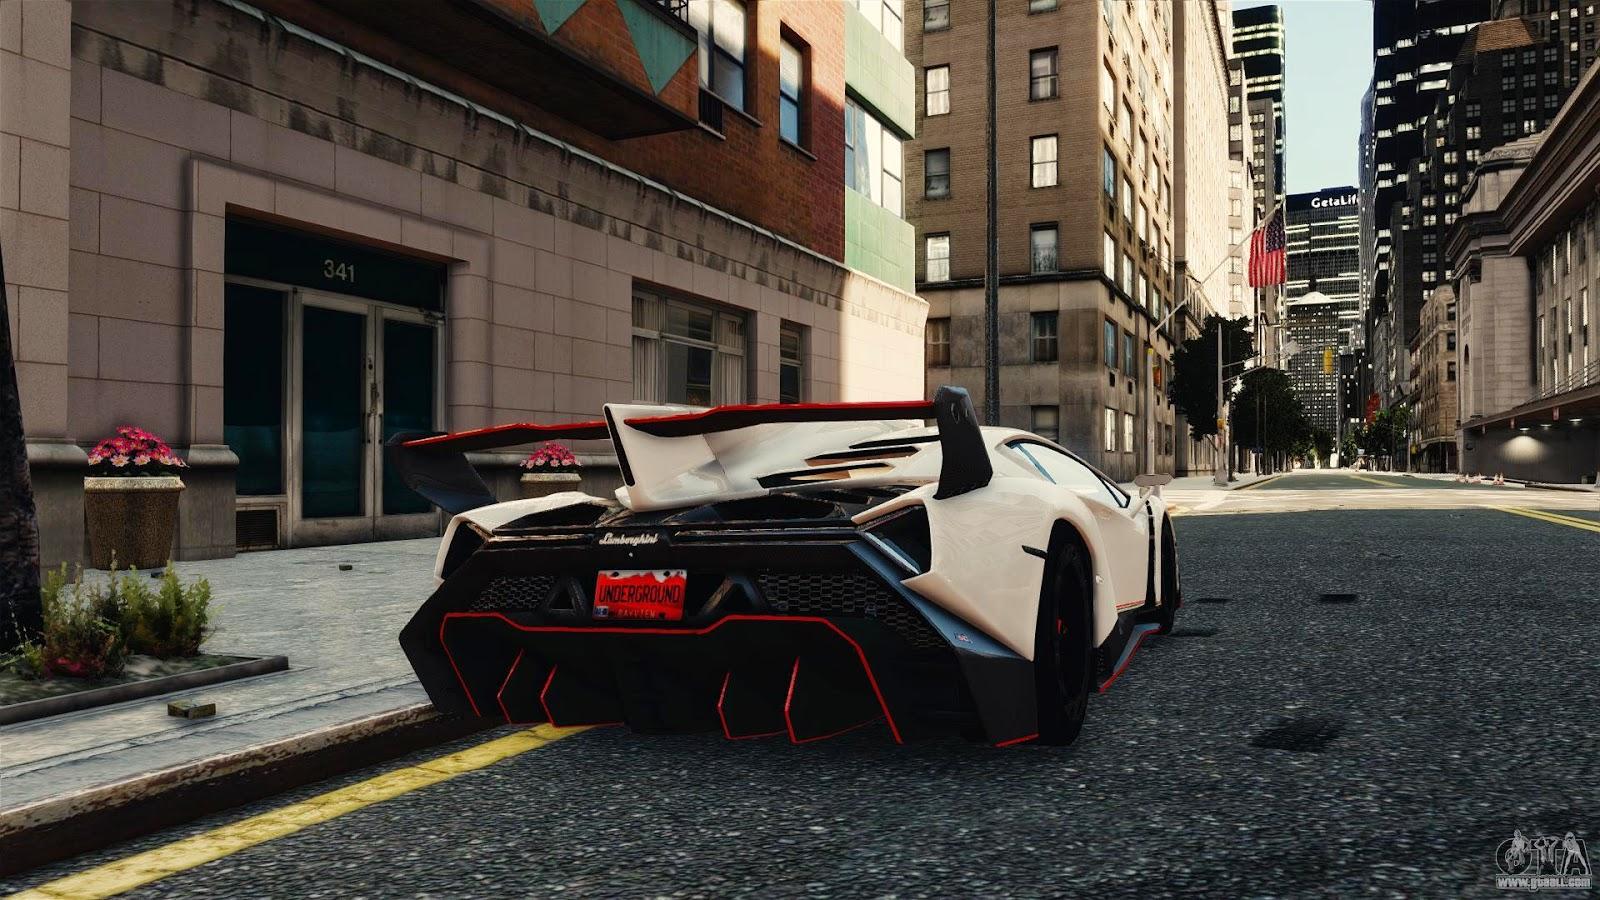 Download Bugatti Veyron Car Wallpapers White Lamborghini Veneno Gta Iv Wallpapers Lamborghini